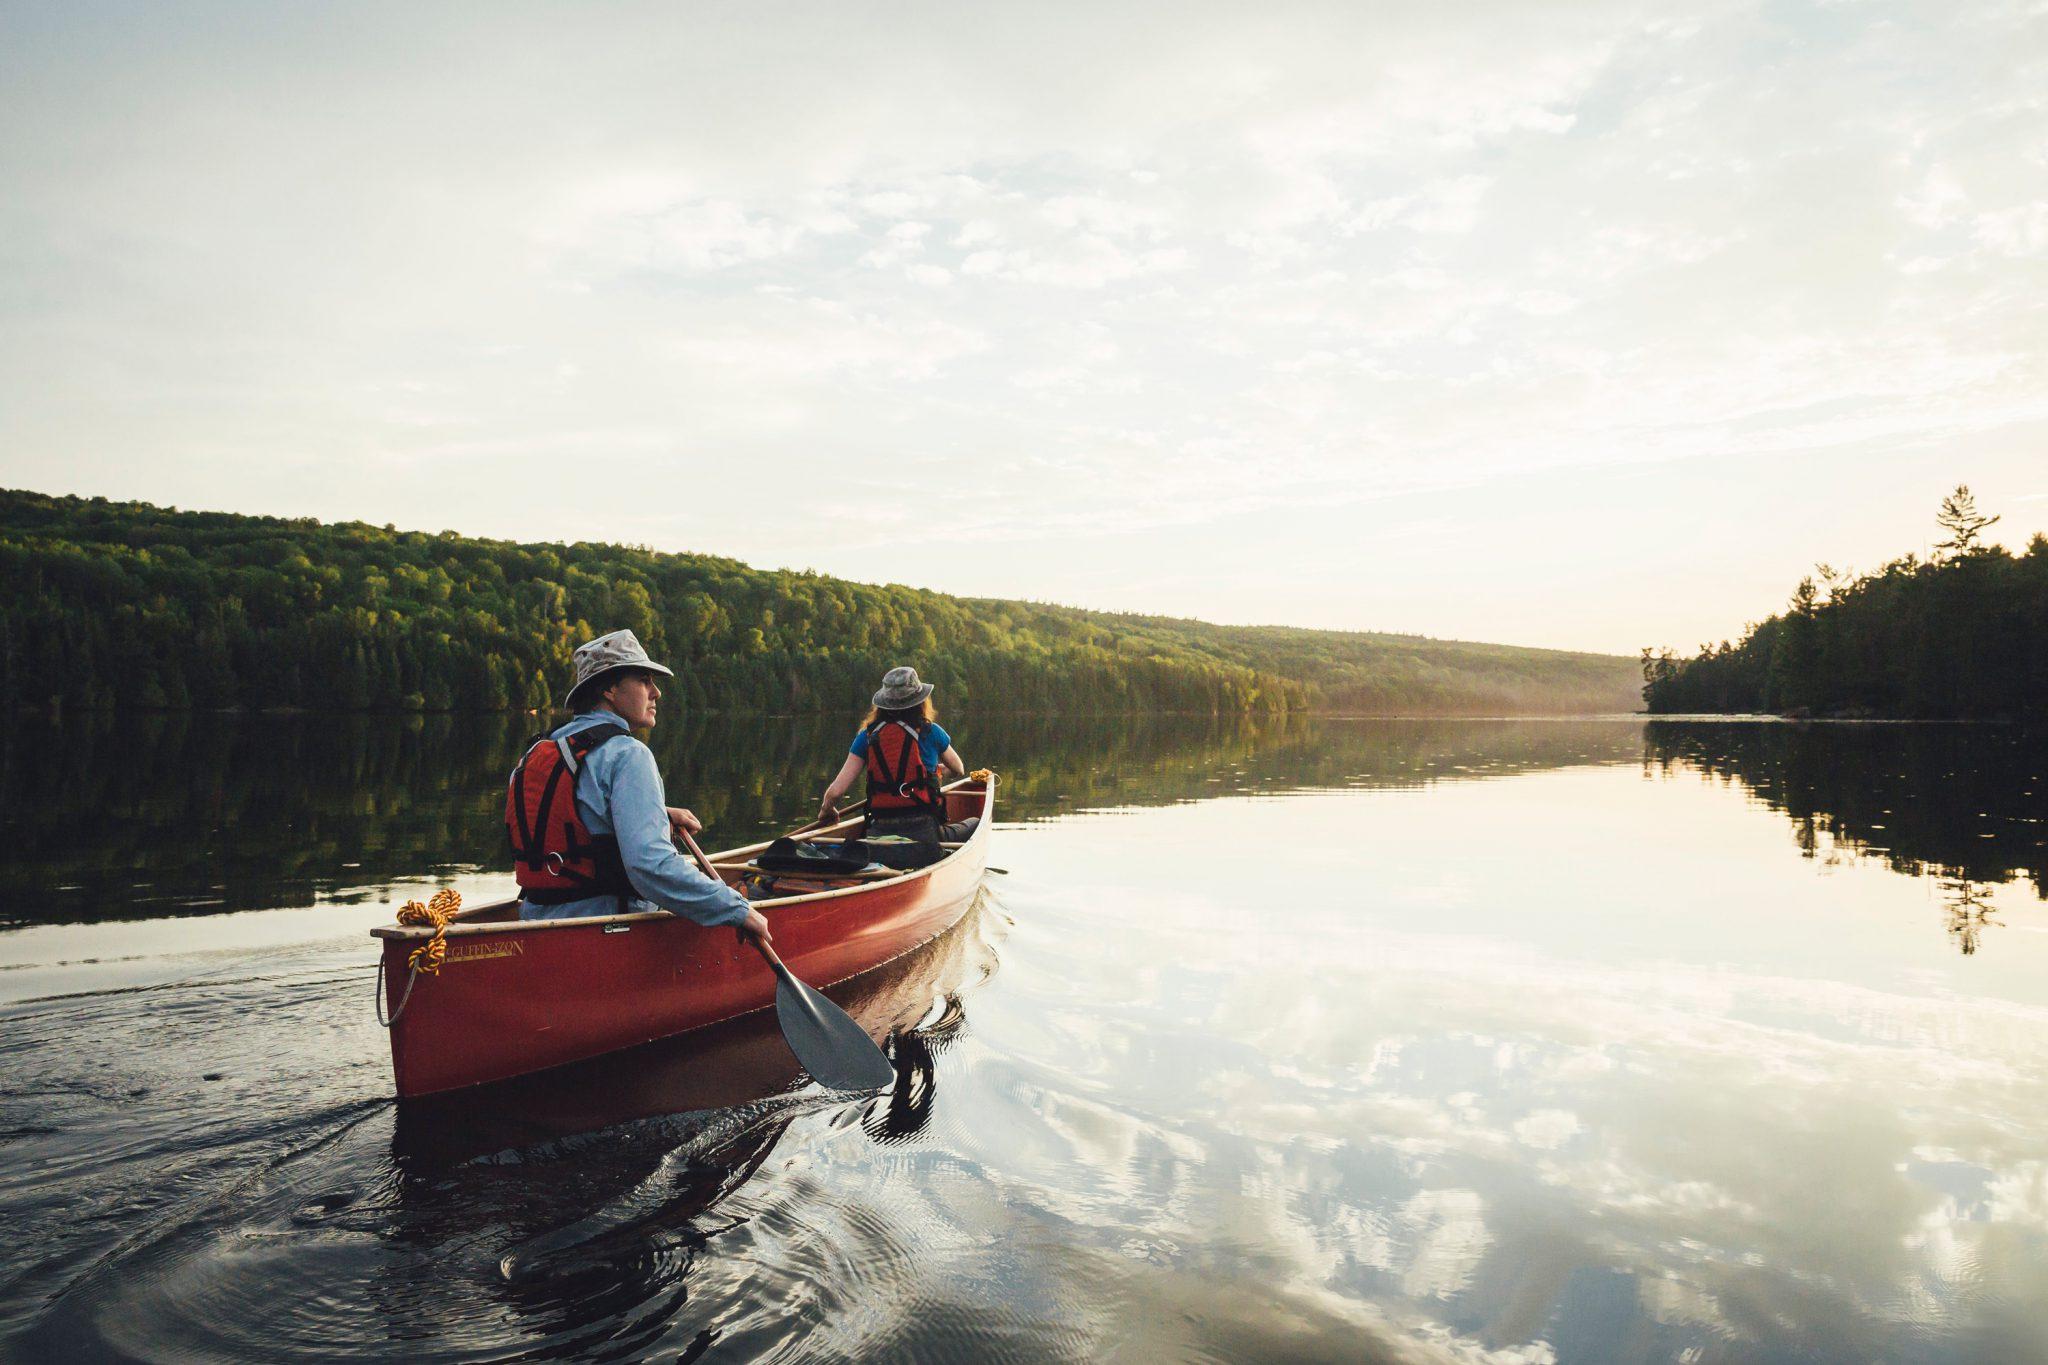 Canoe paddlers on a calm lake